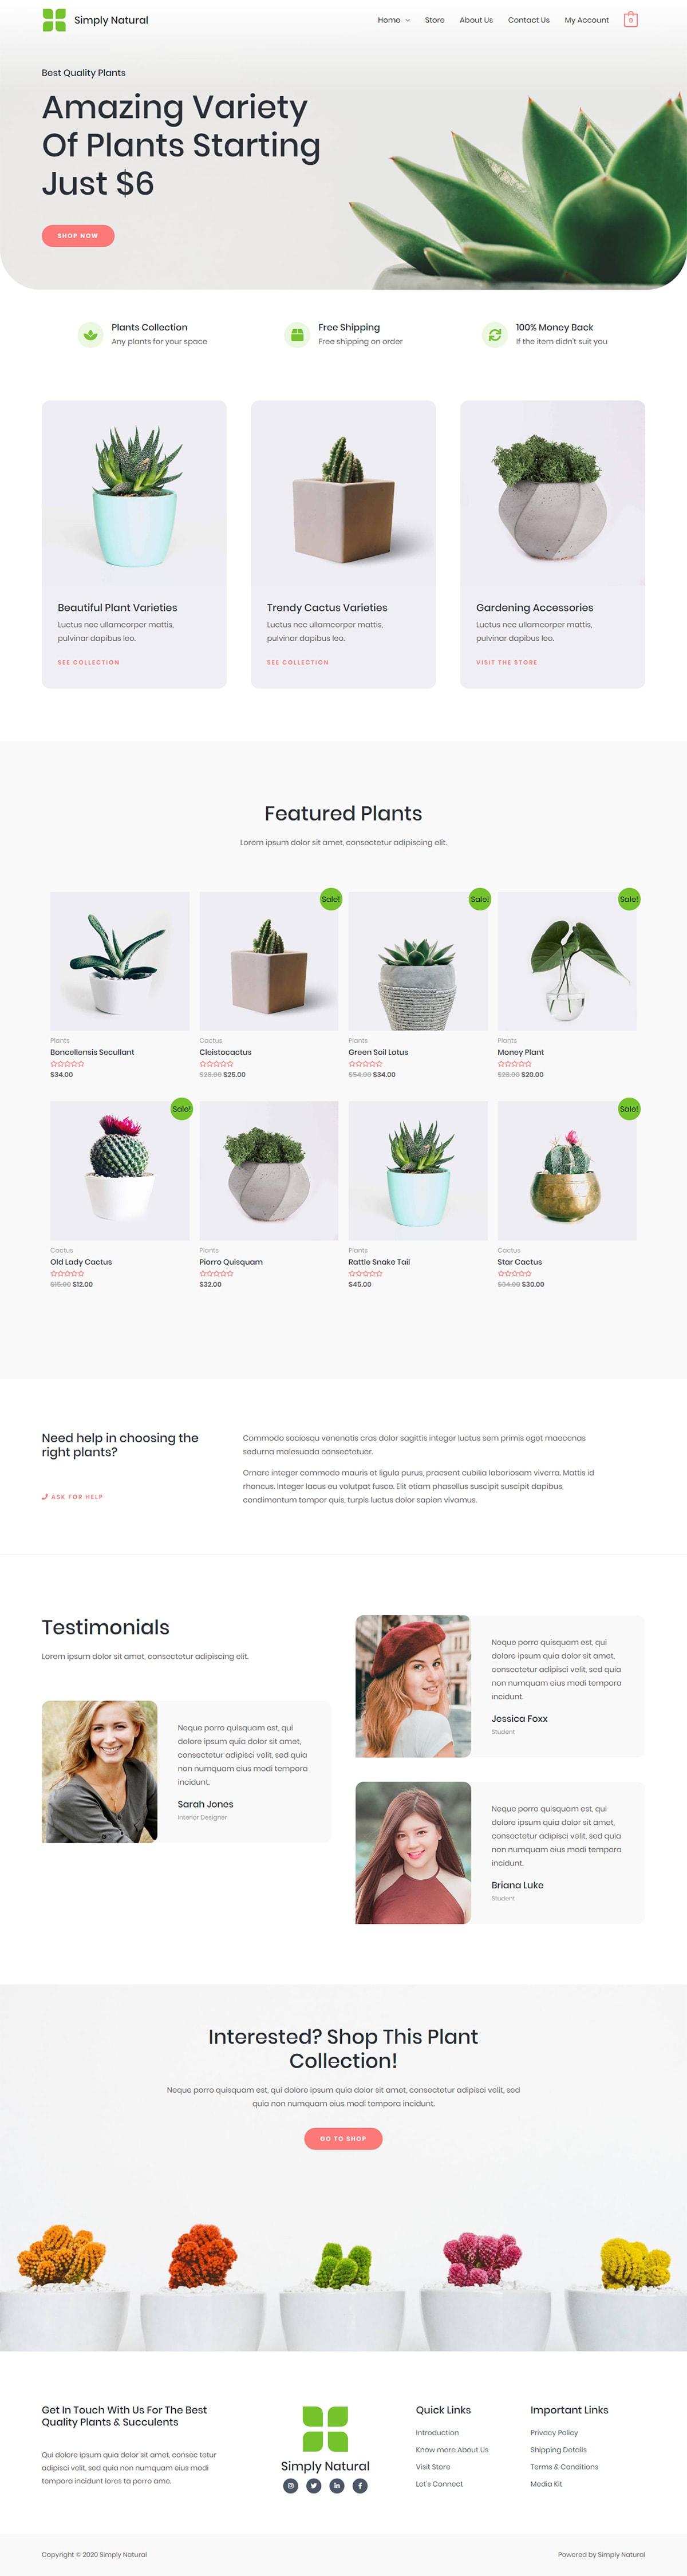 Готовый интернет-магазин комнатных растений. Создание сайтов в Костроме